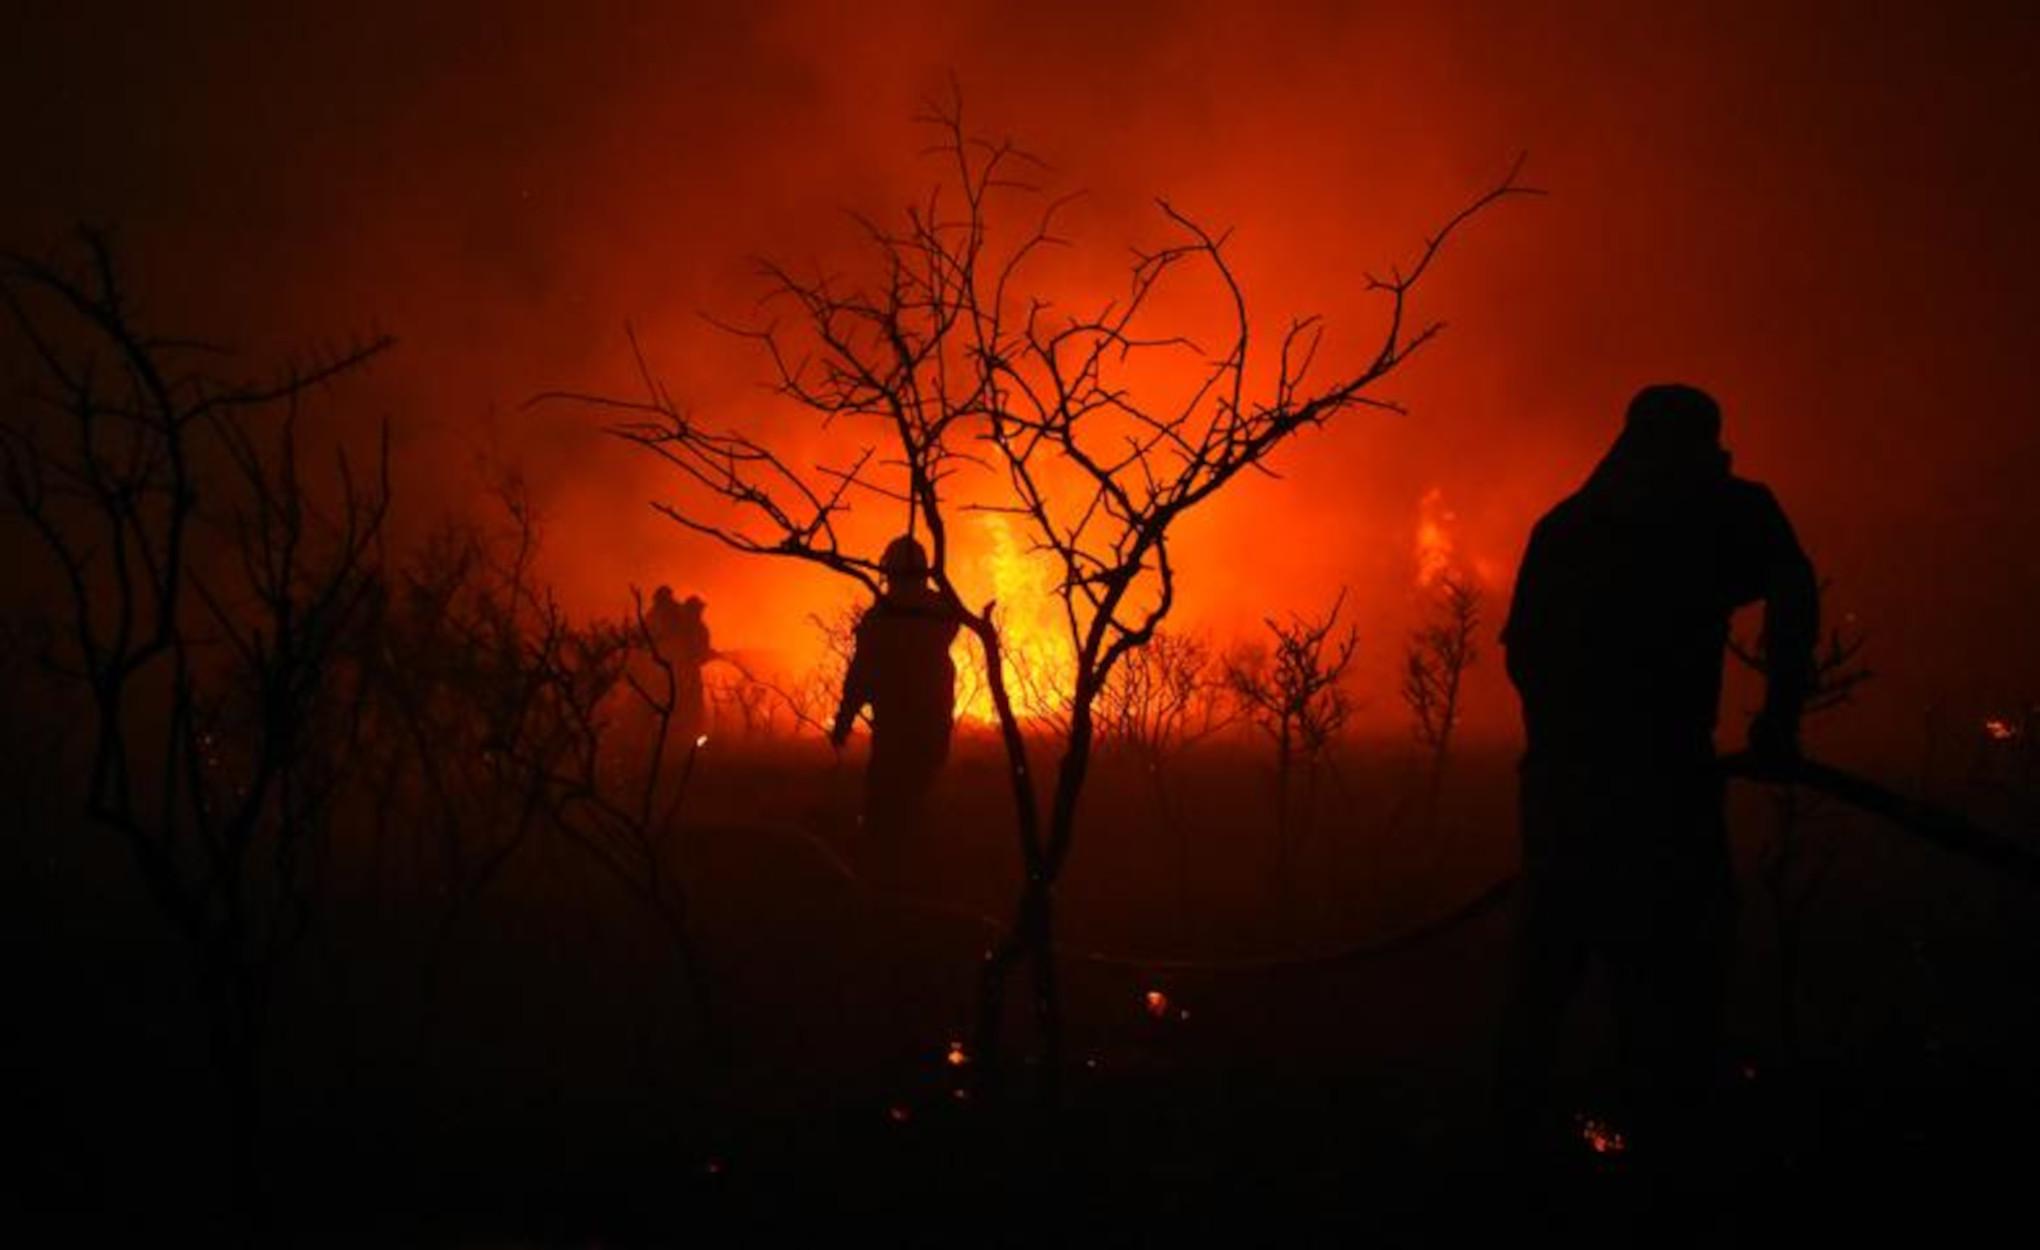 Αργεντινή: Τεράστια φωτιά κατακαίει το νότο – Στάχτη 65.000 στρέμματα δάσους